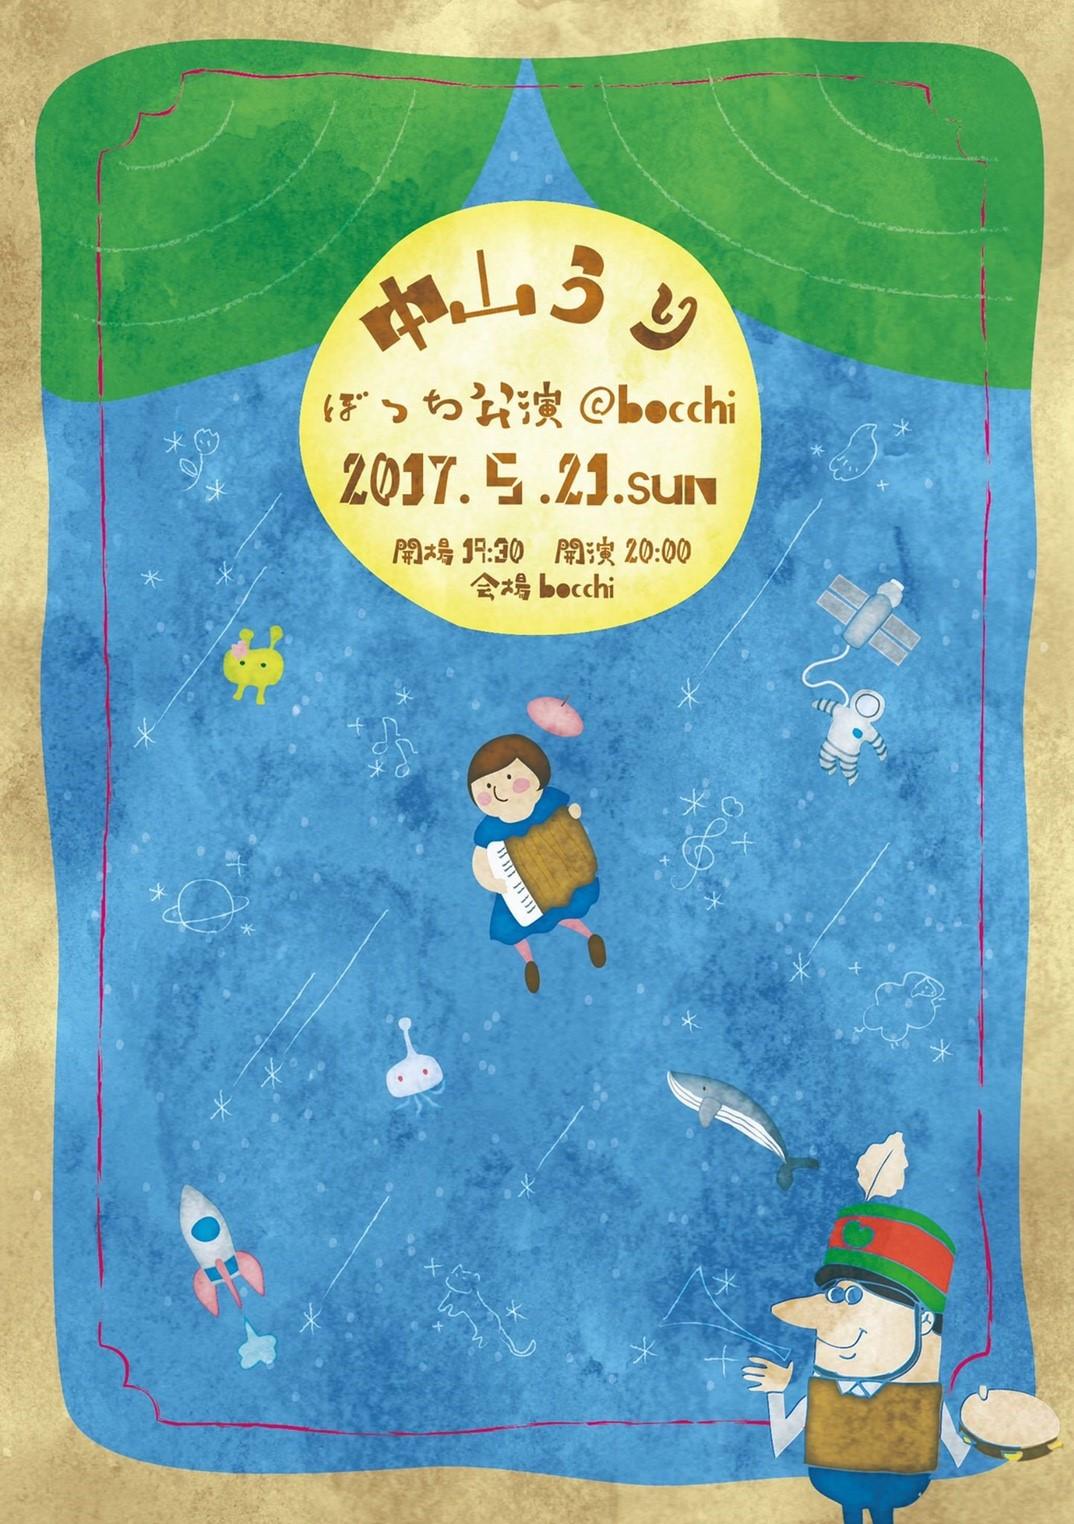 2017521 中山うり ぼっち公演_170928_0002